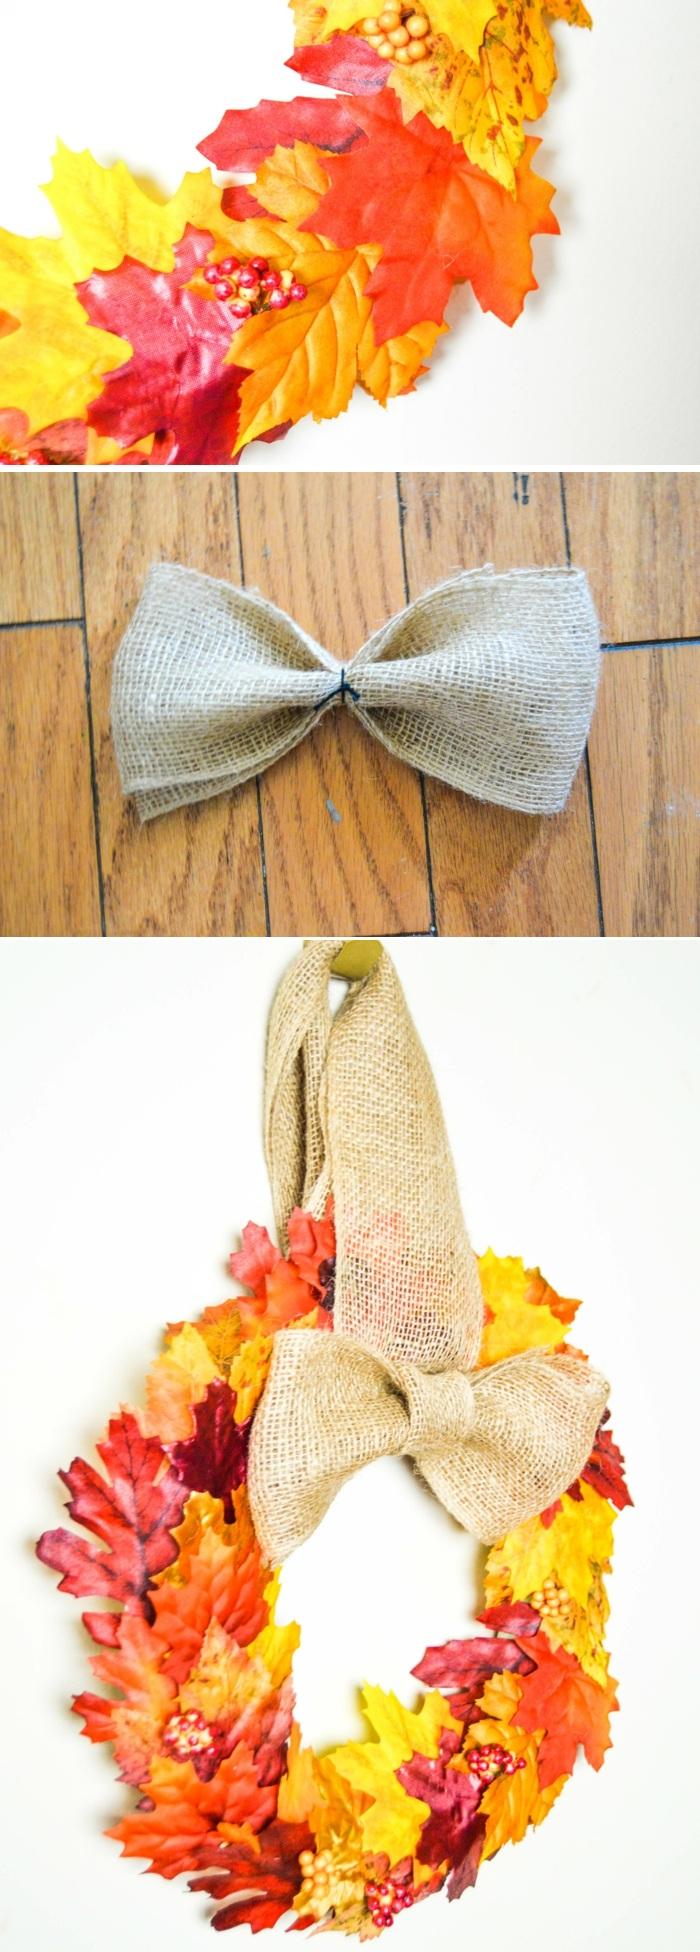 türkranz selber machen, schleife binden, leinenband, herbstblätter, wanddeko